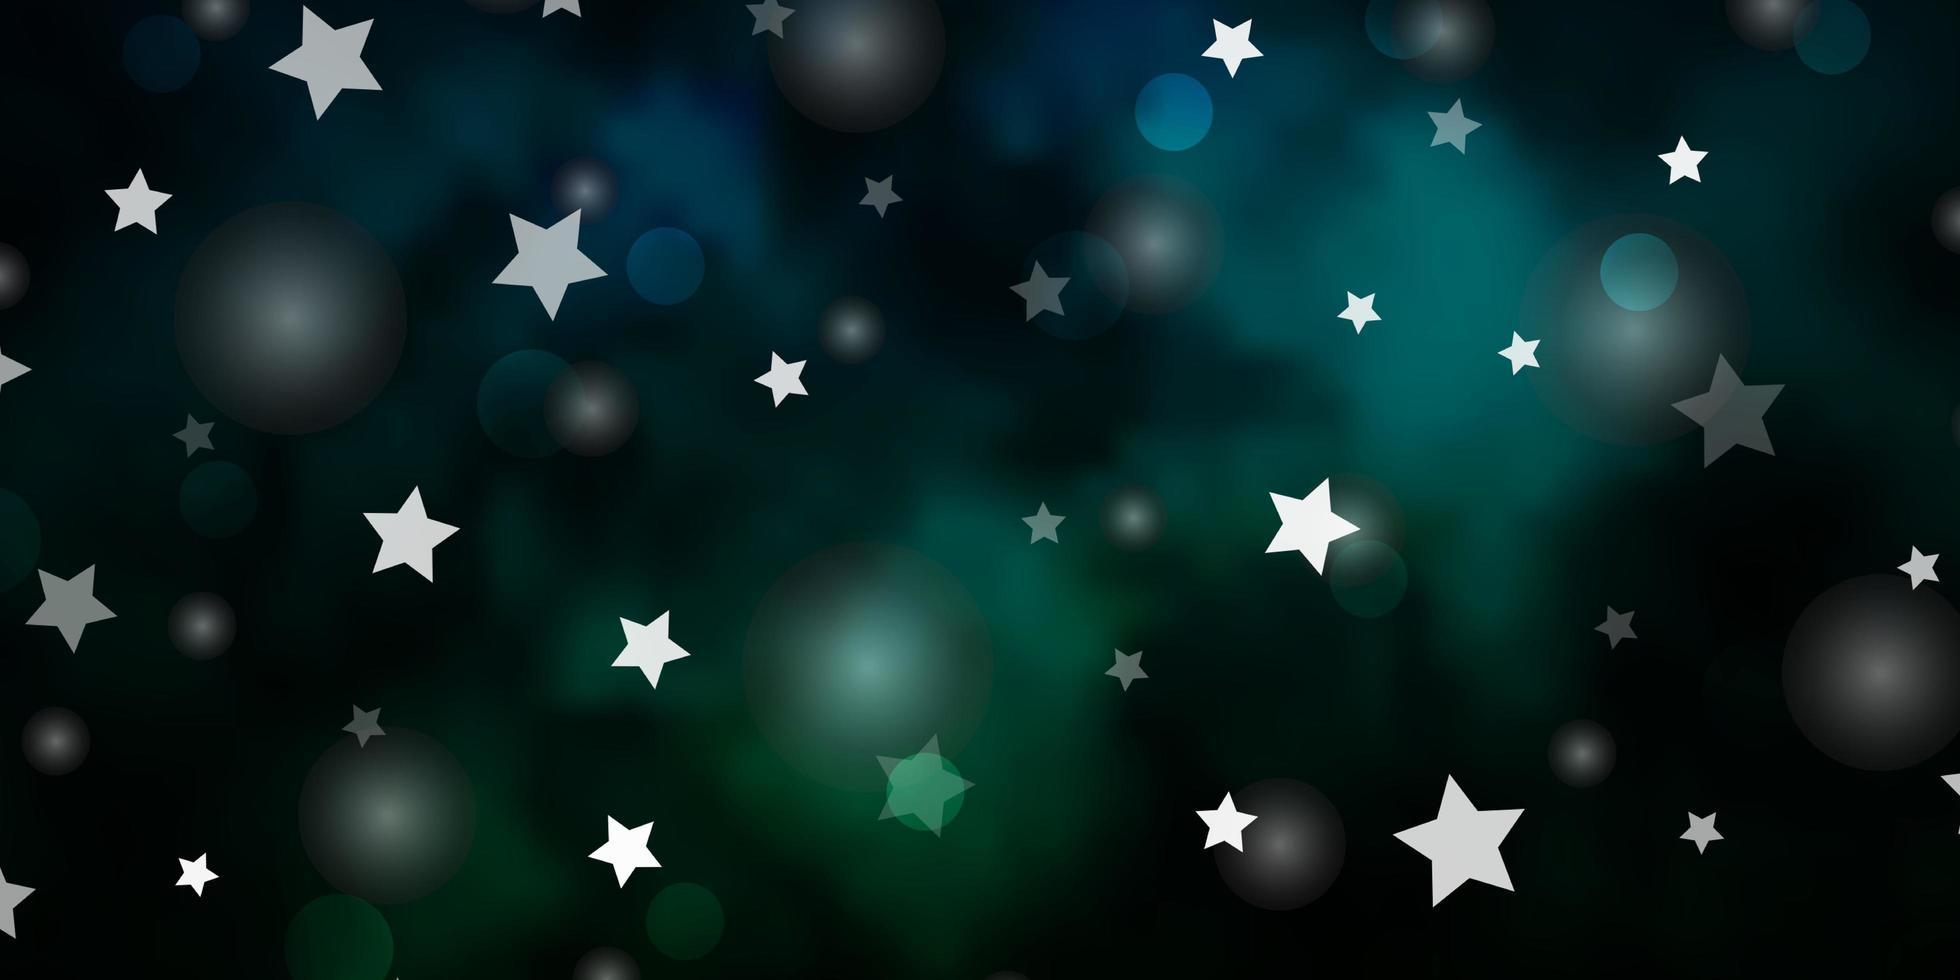 diseño de vector azul oscuro, verde con círculos, estrellas.